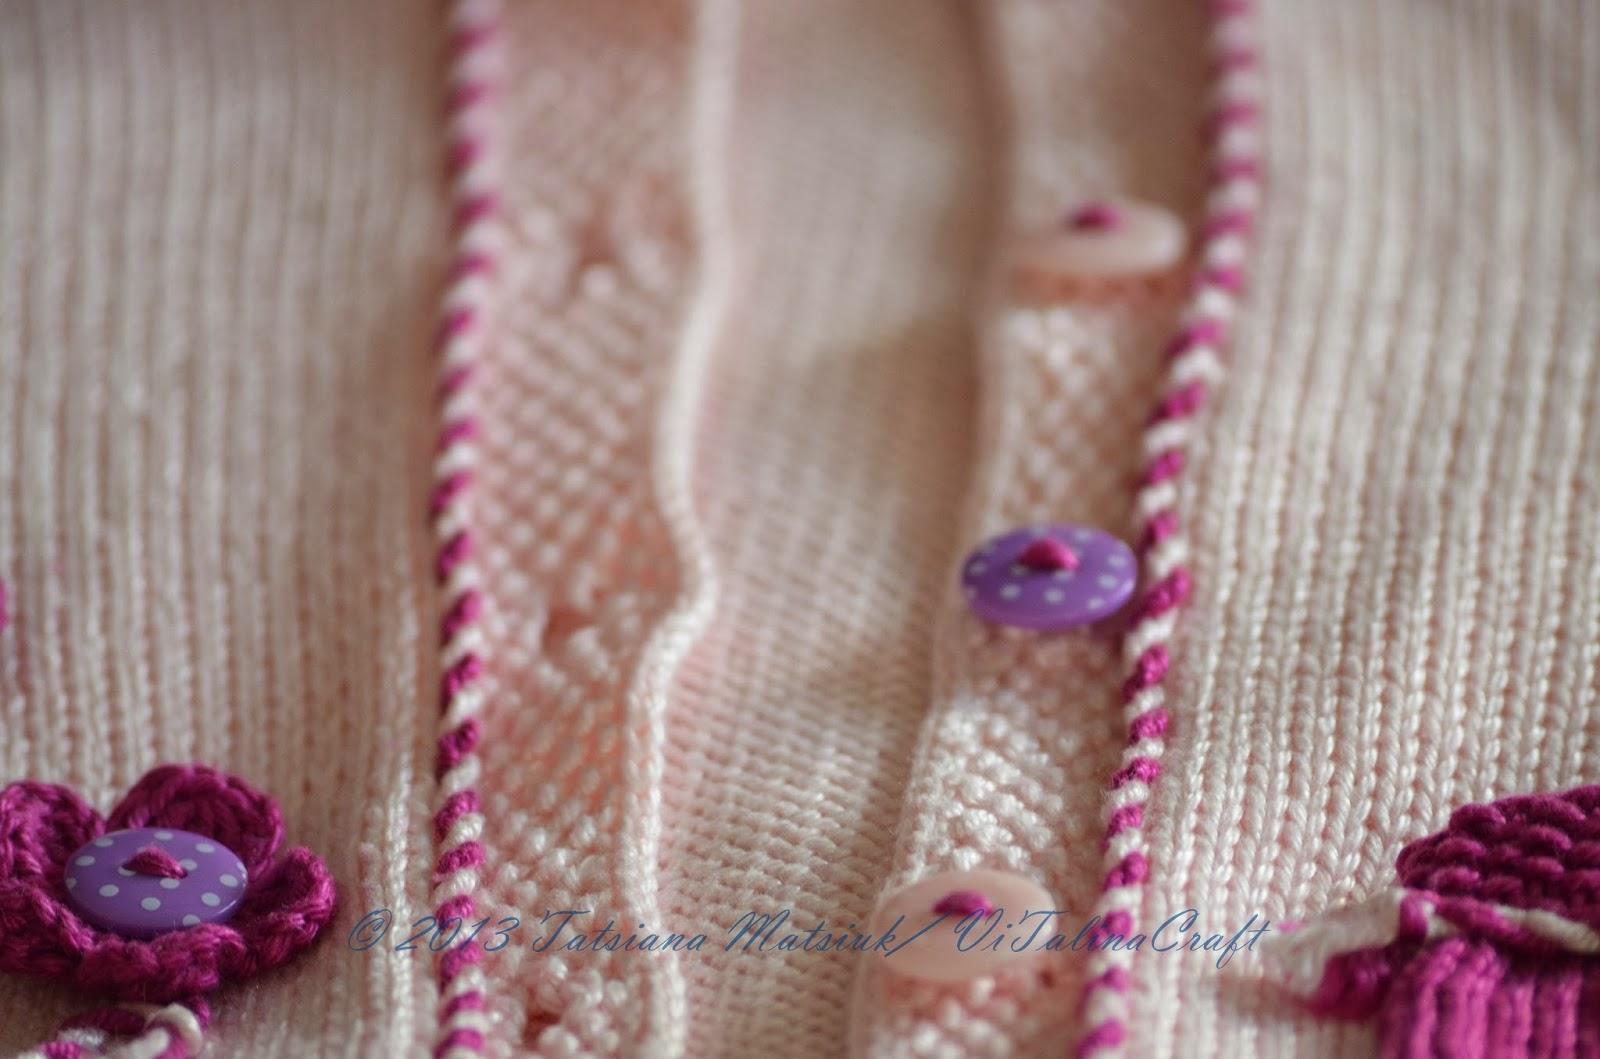 Baby Sweater Knitting Patterns In Hindi: Treabhair pdf knitting ...